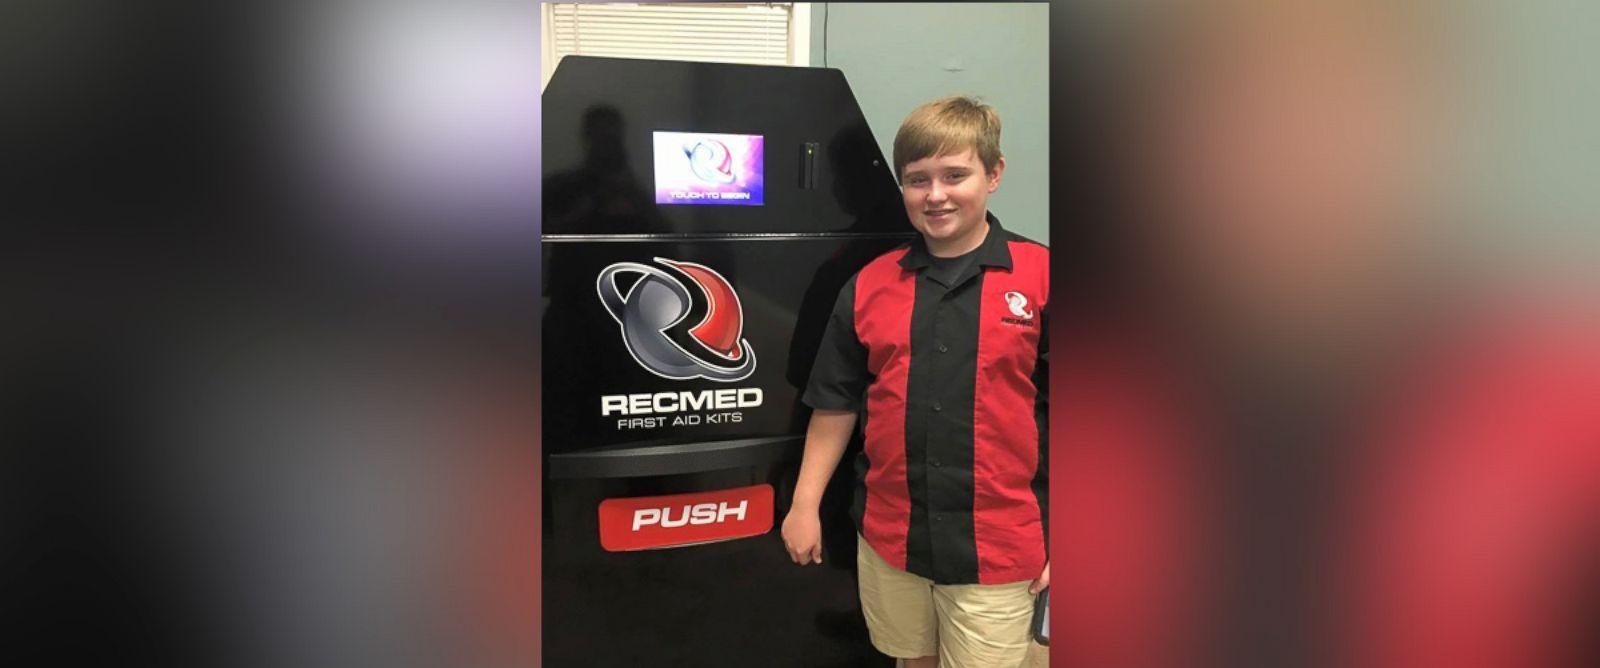 Teen entrepreneur raises $100K to create first-aid vending machine